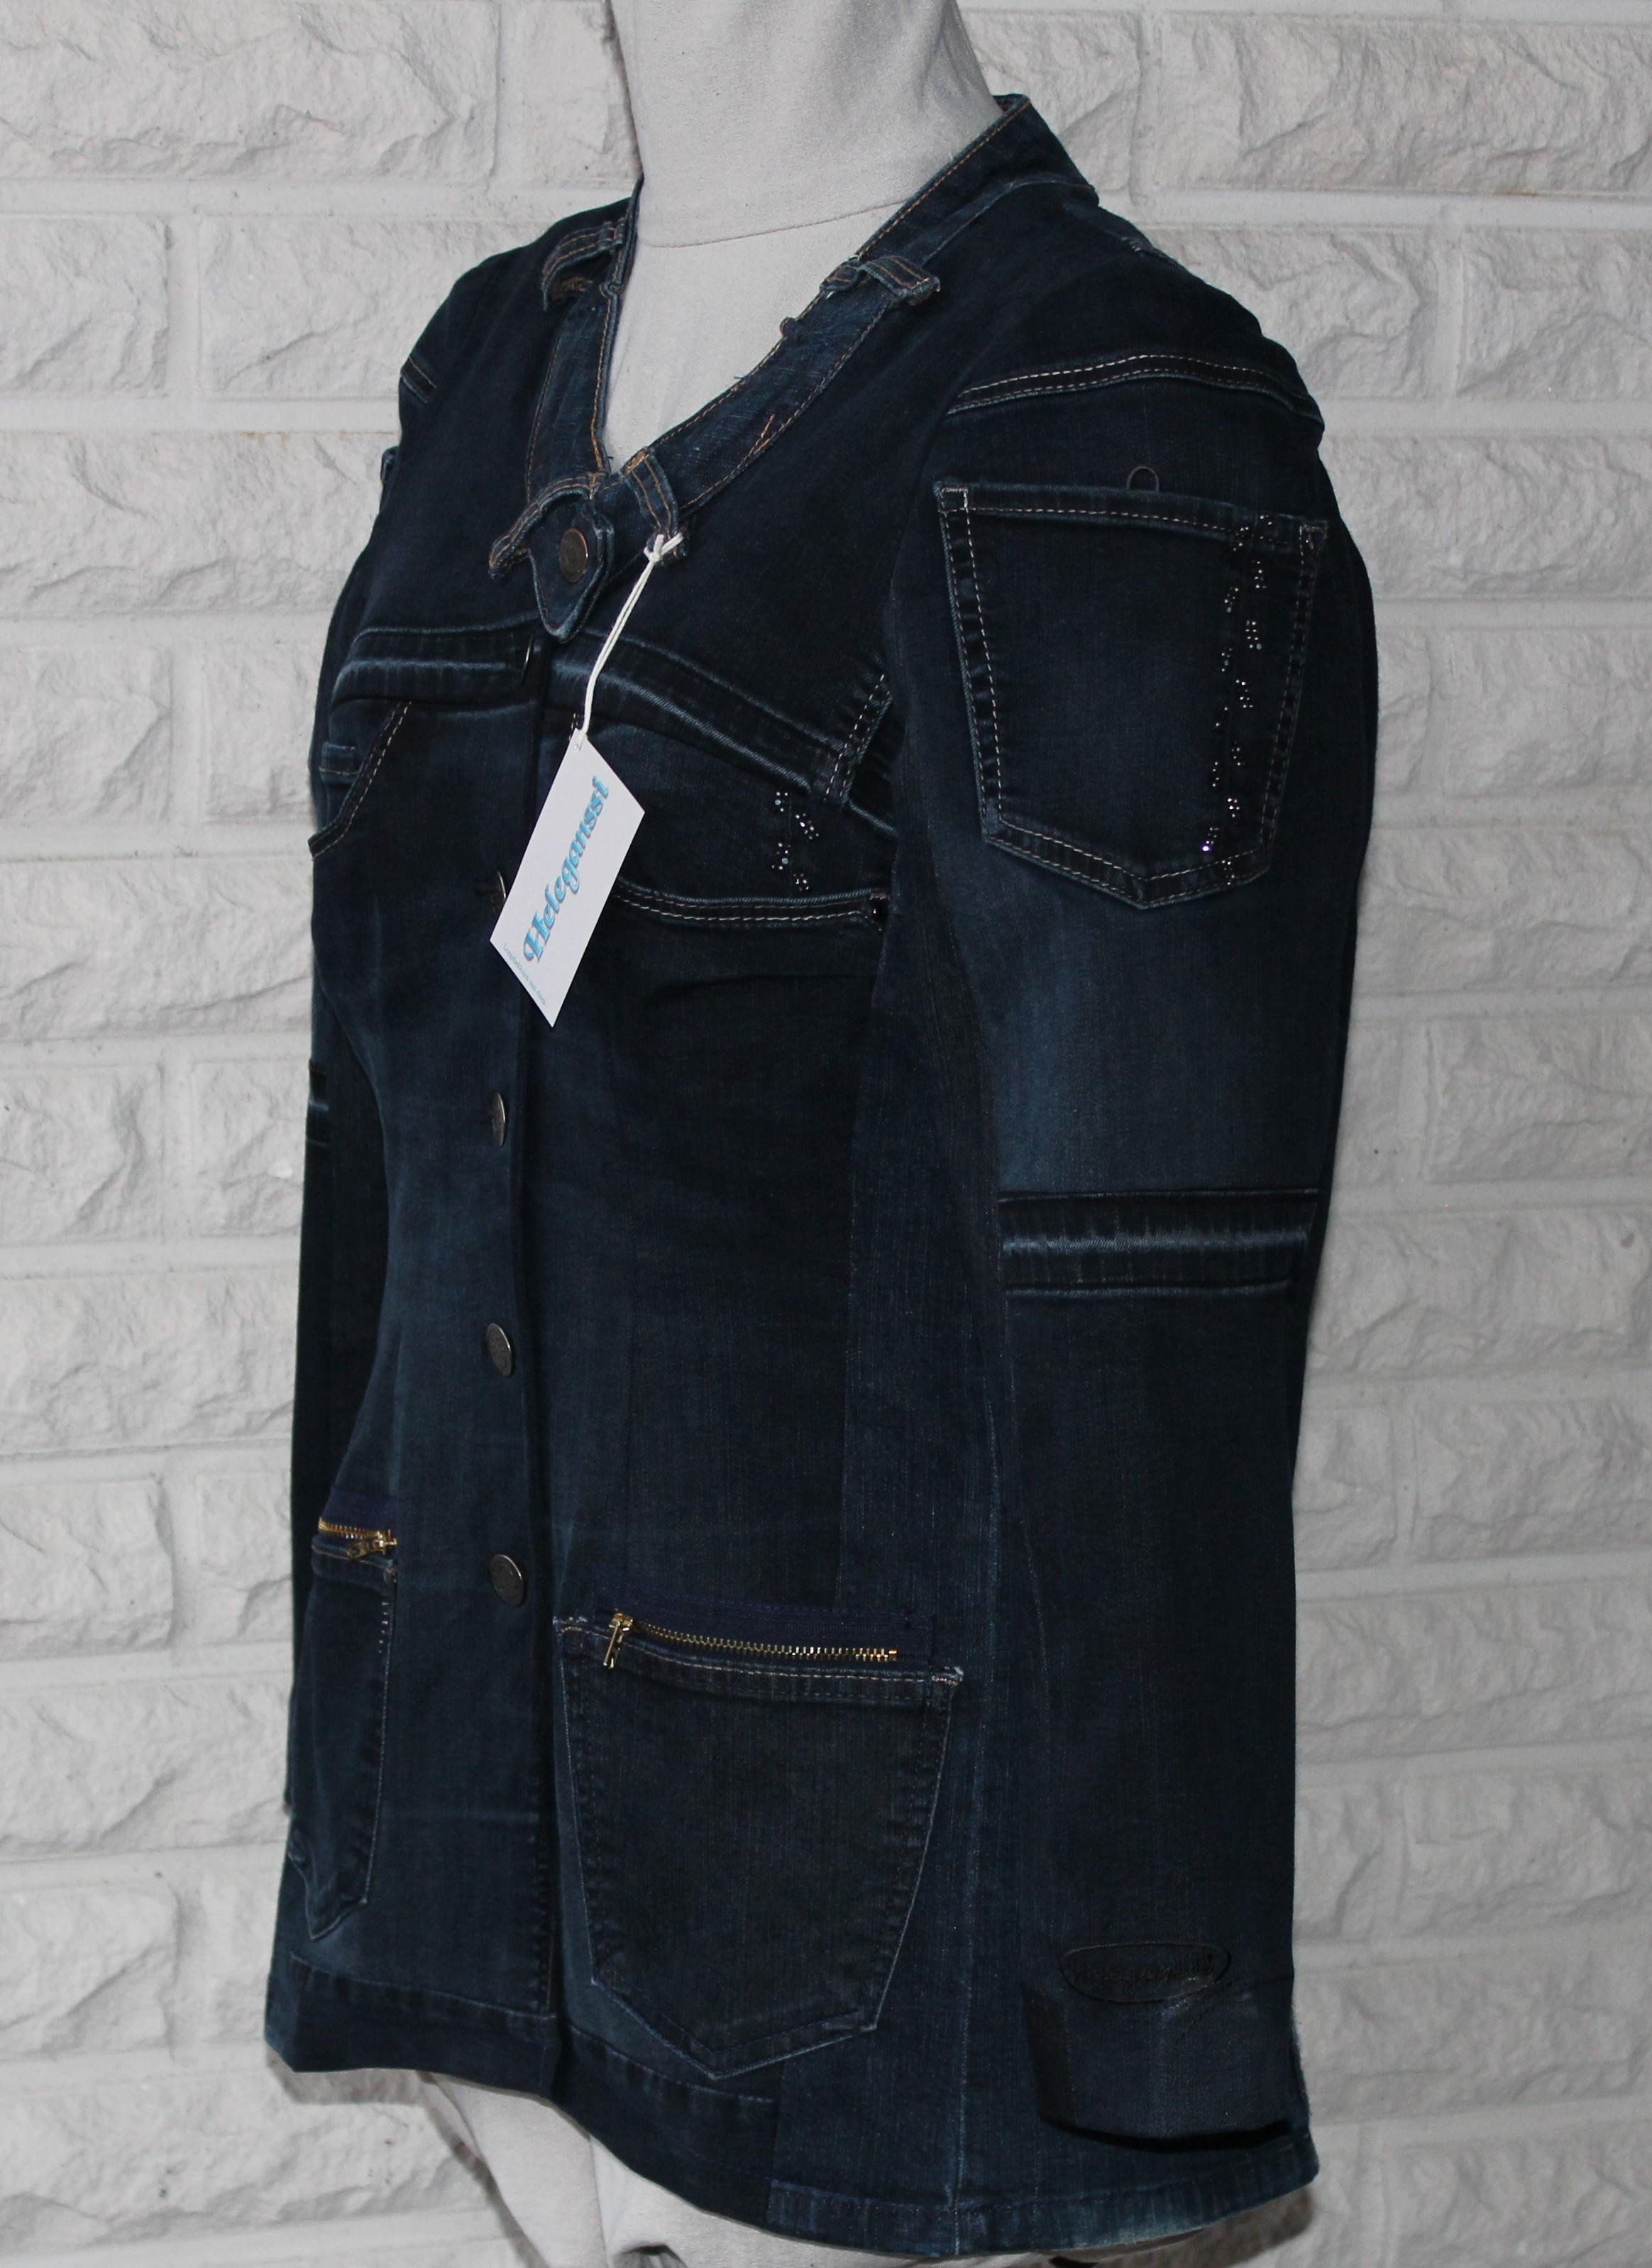 Tumman sävyinen jakku pidempänä mallina.